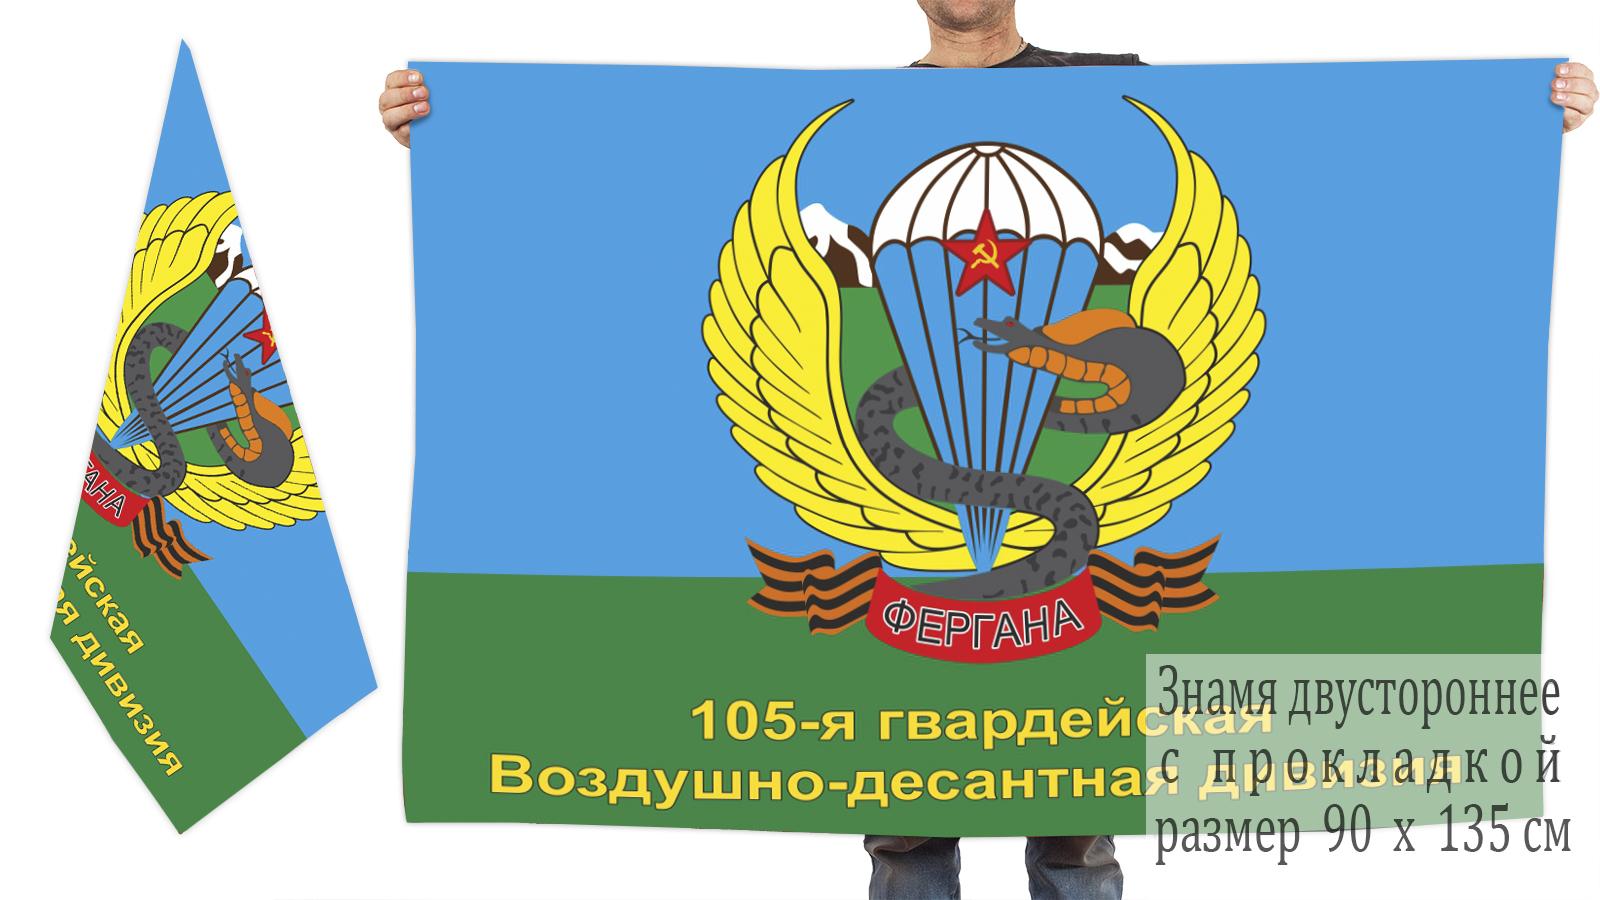 Купить в интернет магазине флаг 105-ой гвардейской воздушно-десантной дивизии Фергана